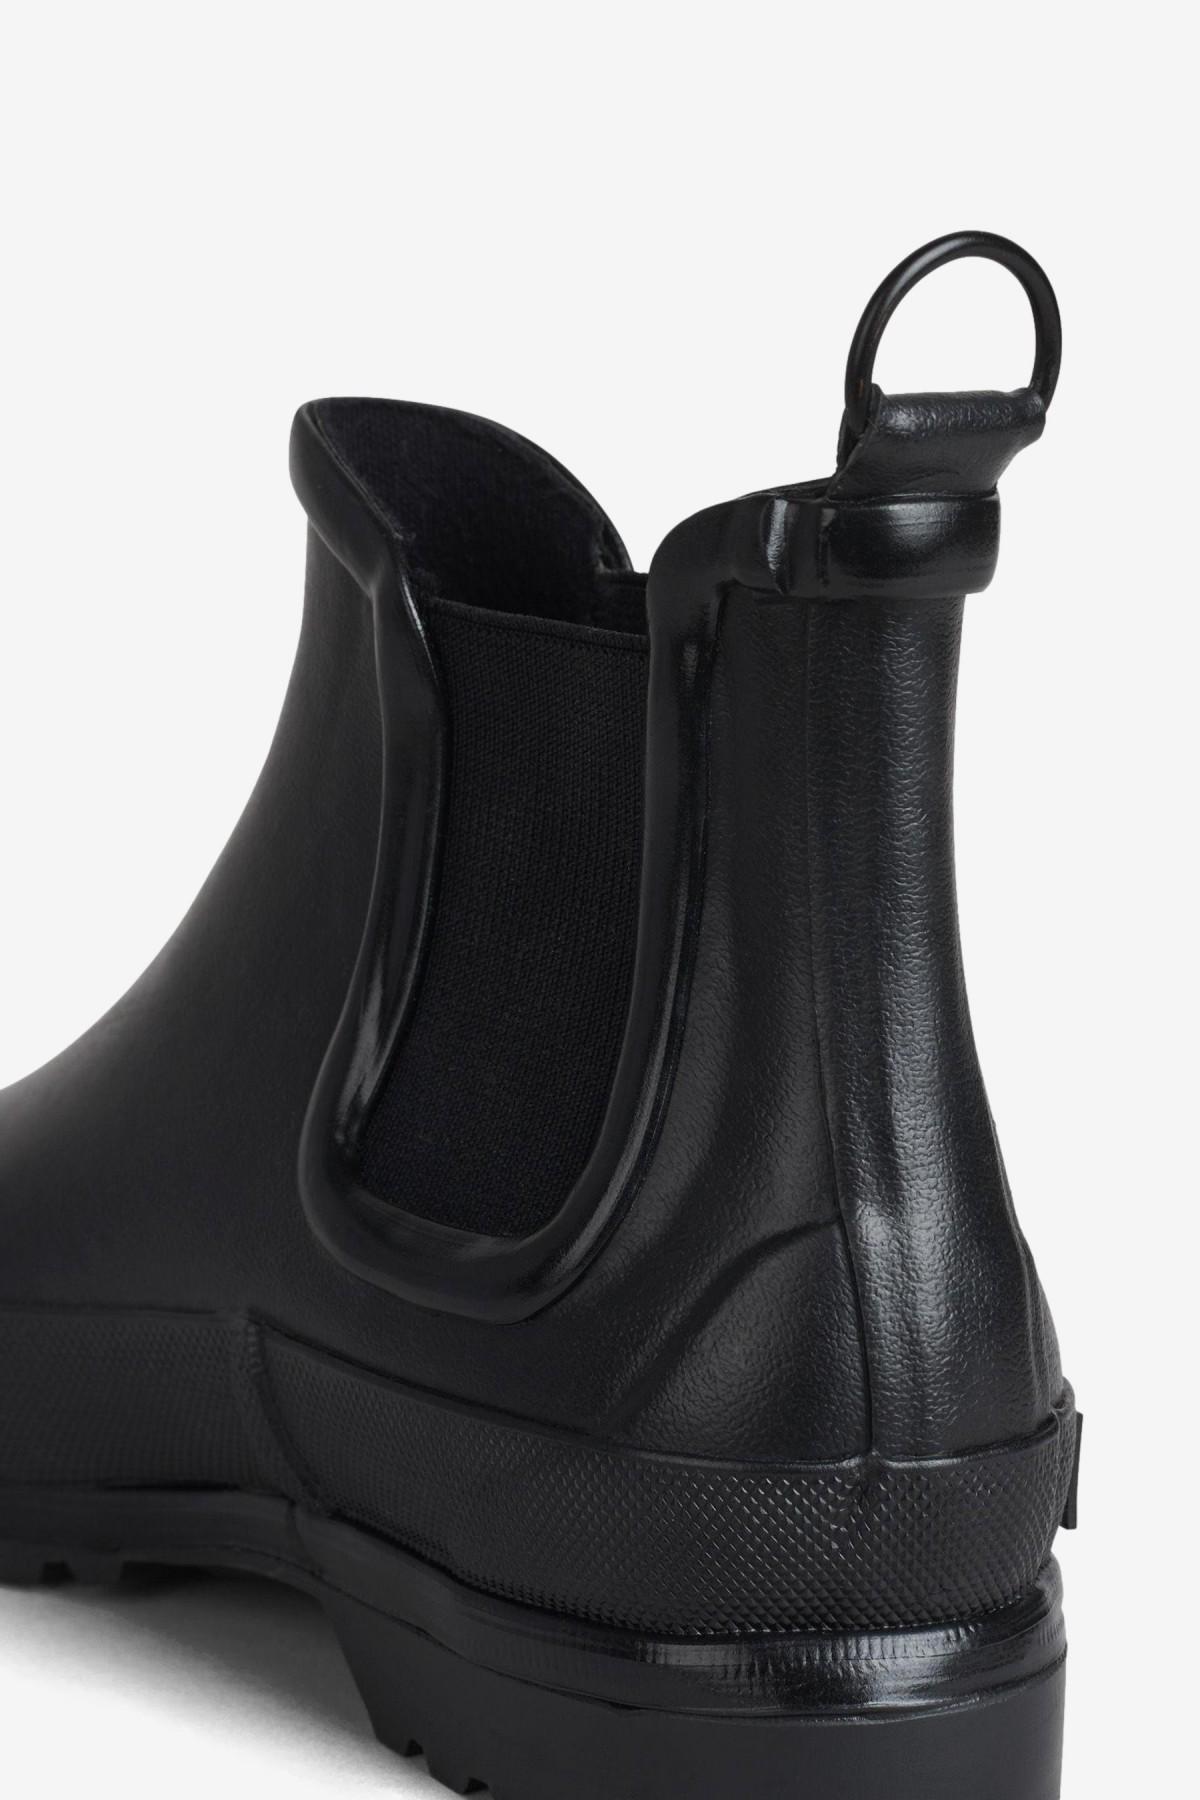 Stutterheim Chelsea Rainwalker in Black / Black